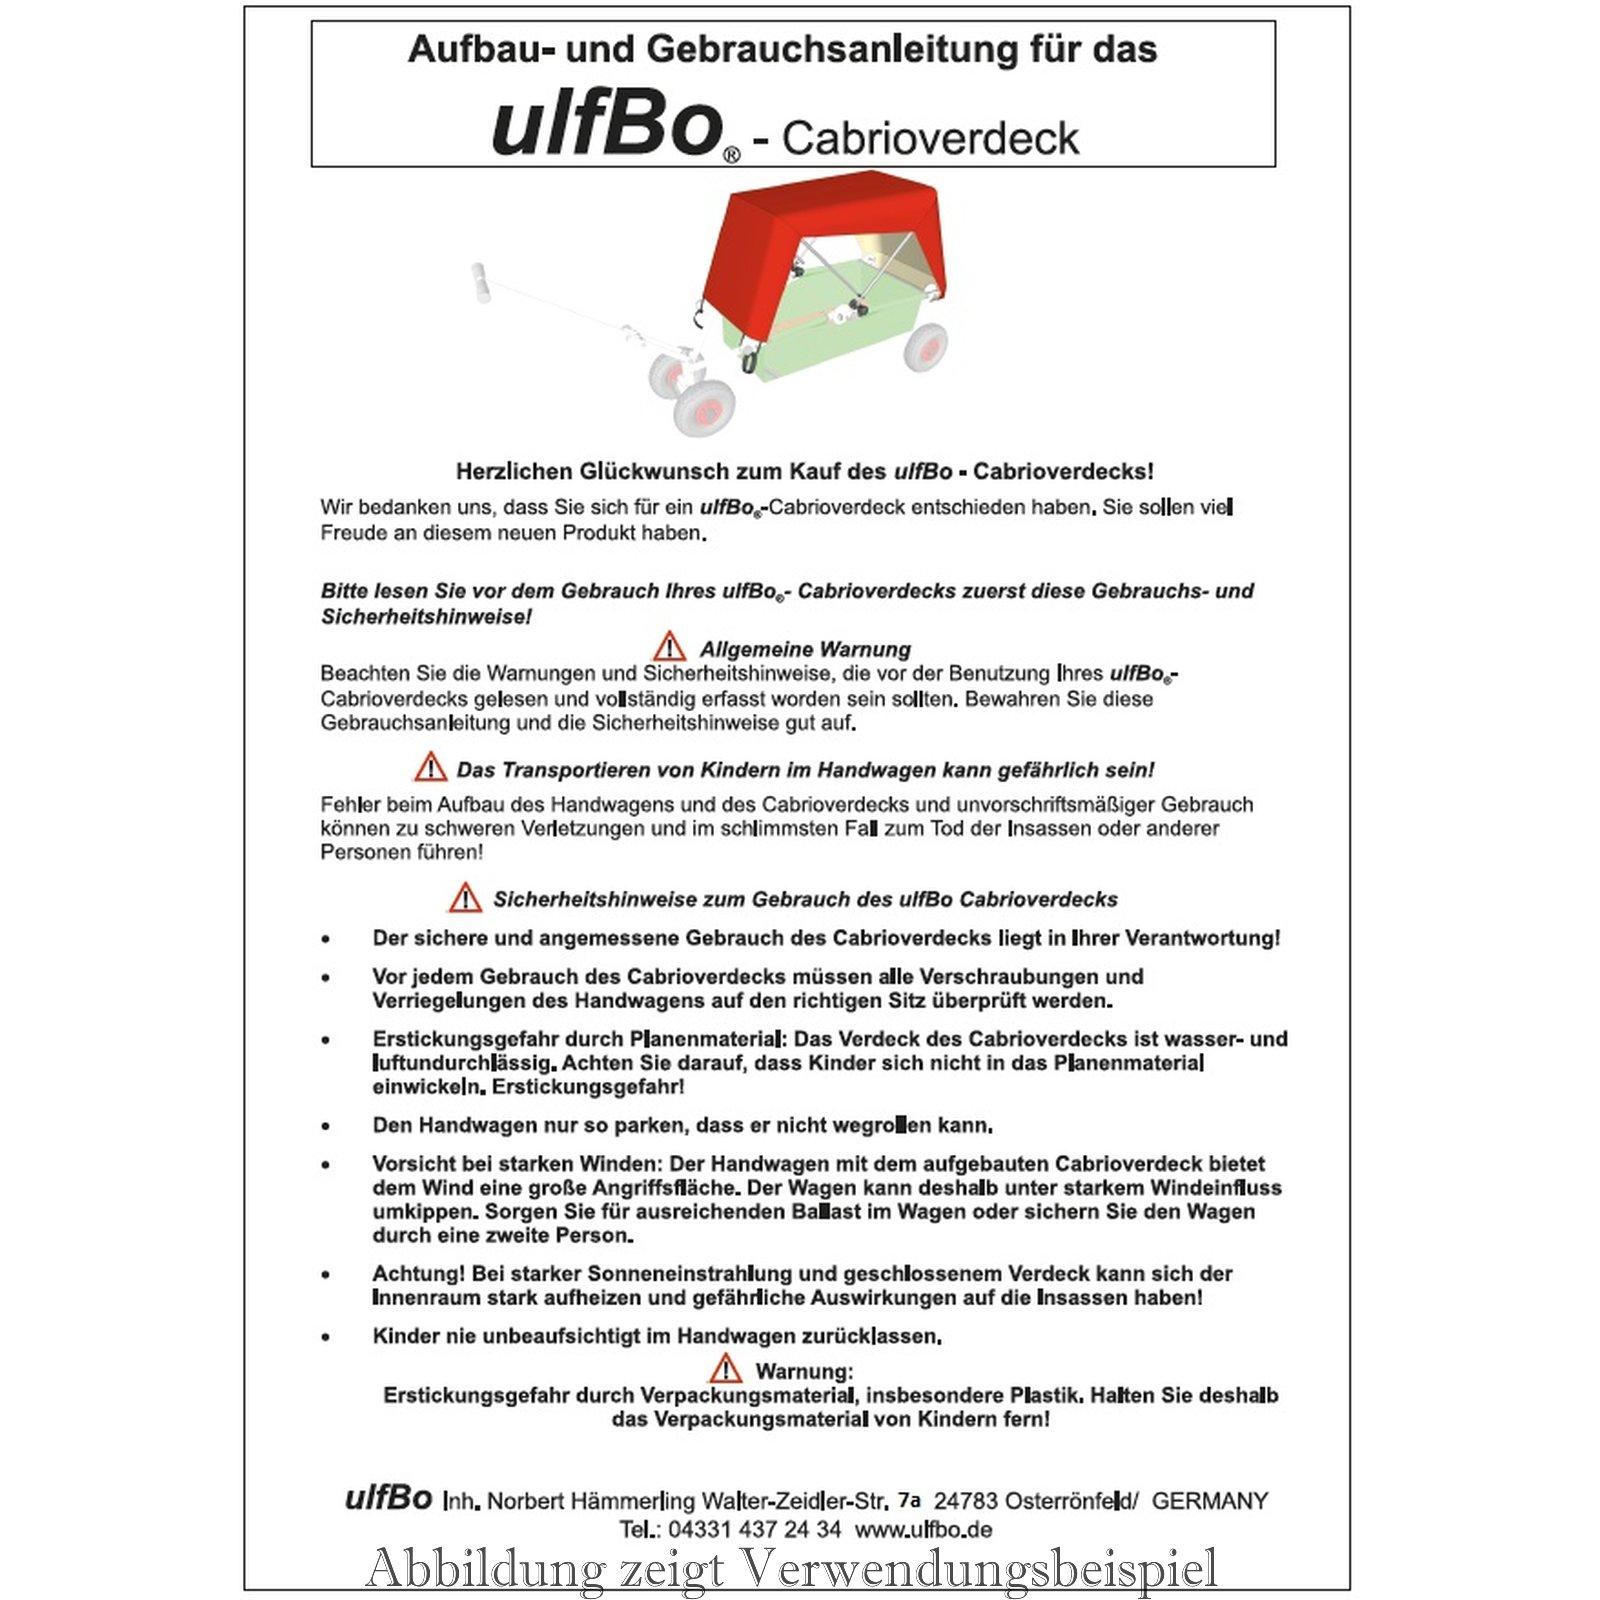 Gebrauchsanleitung für ulfBo-Cabrioverdeck, 1,00 €